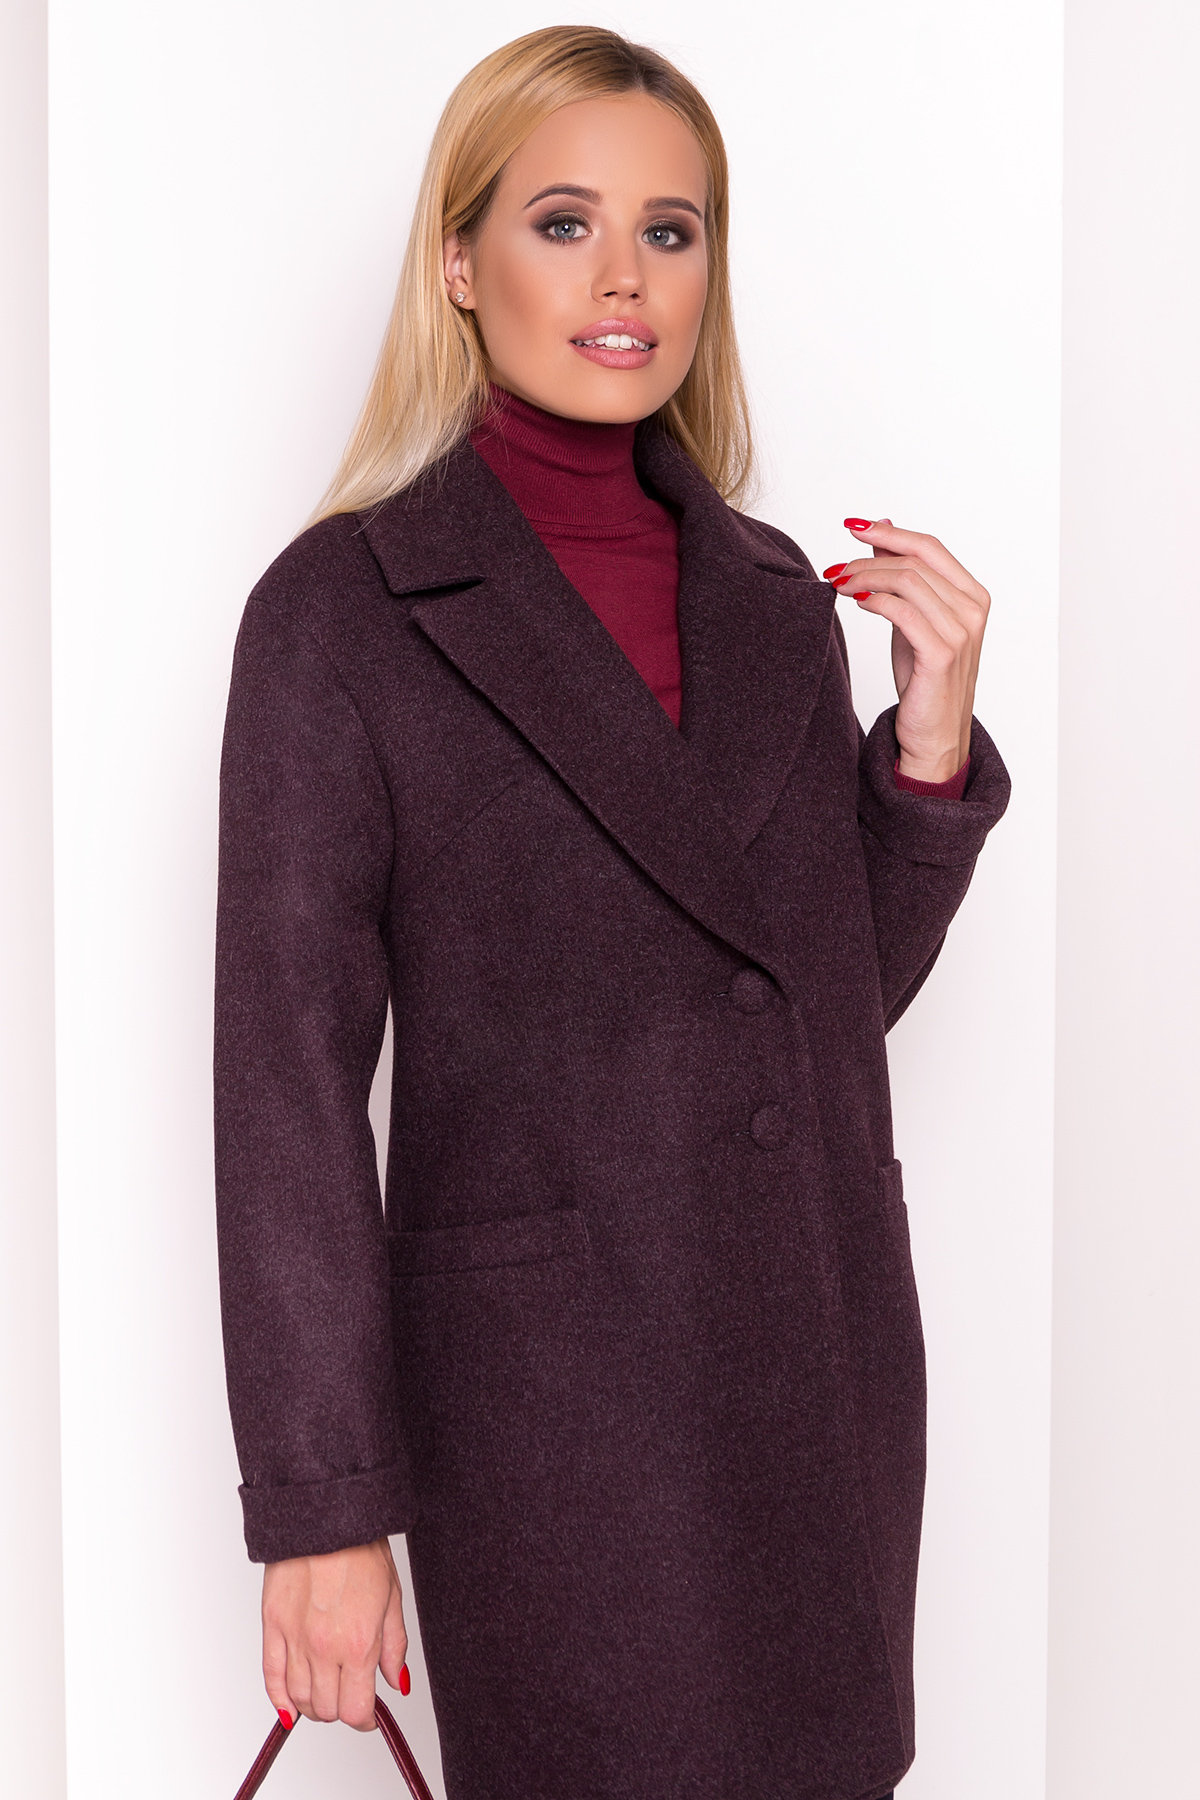 Демисезонное пальто Вива 4558 АРТ. 37265 Цвет: Марсала - фото 3, интернет магазин tm-modus.ru